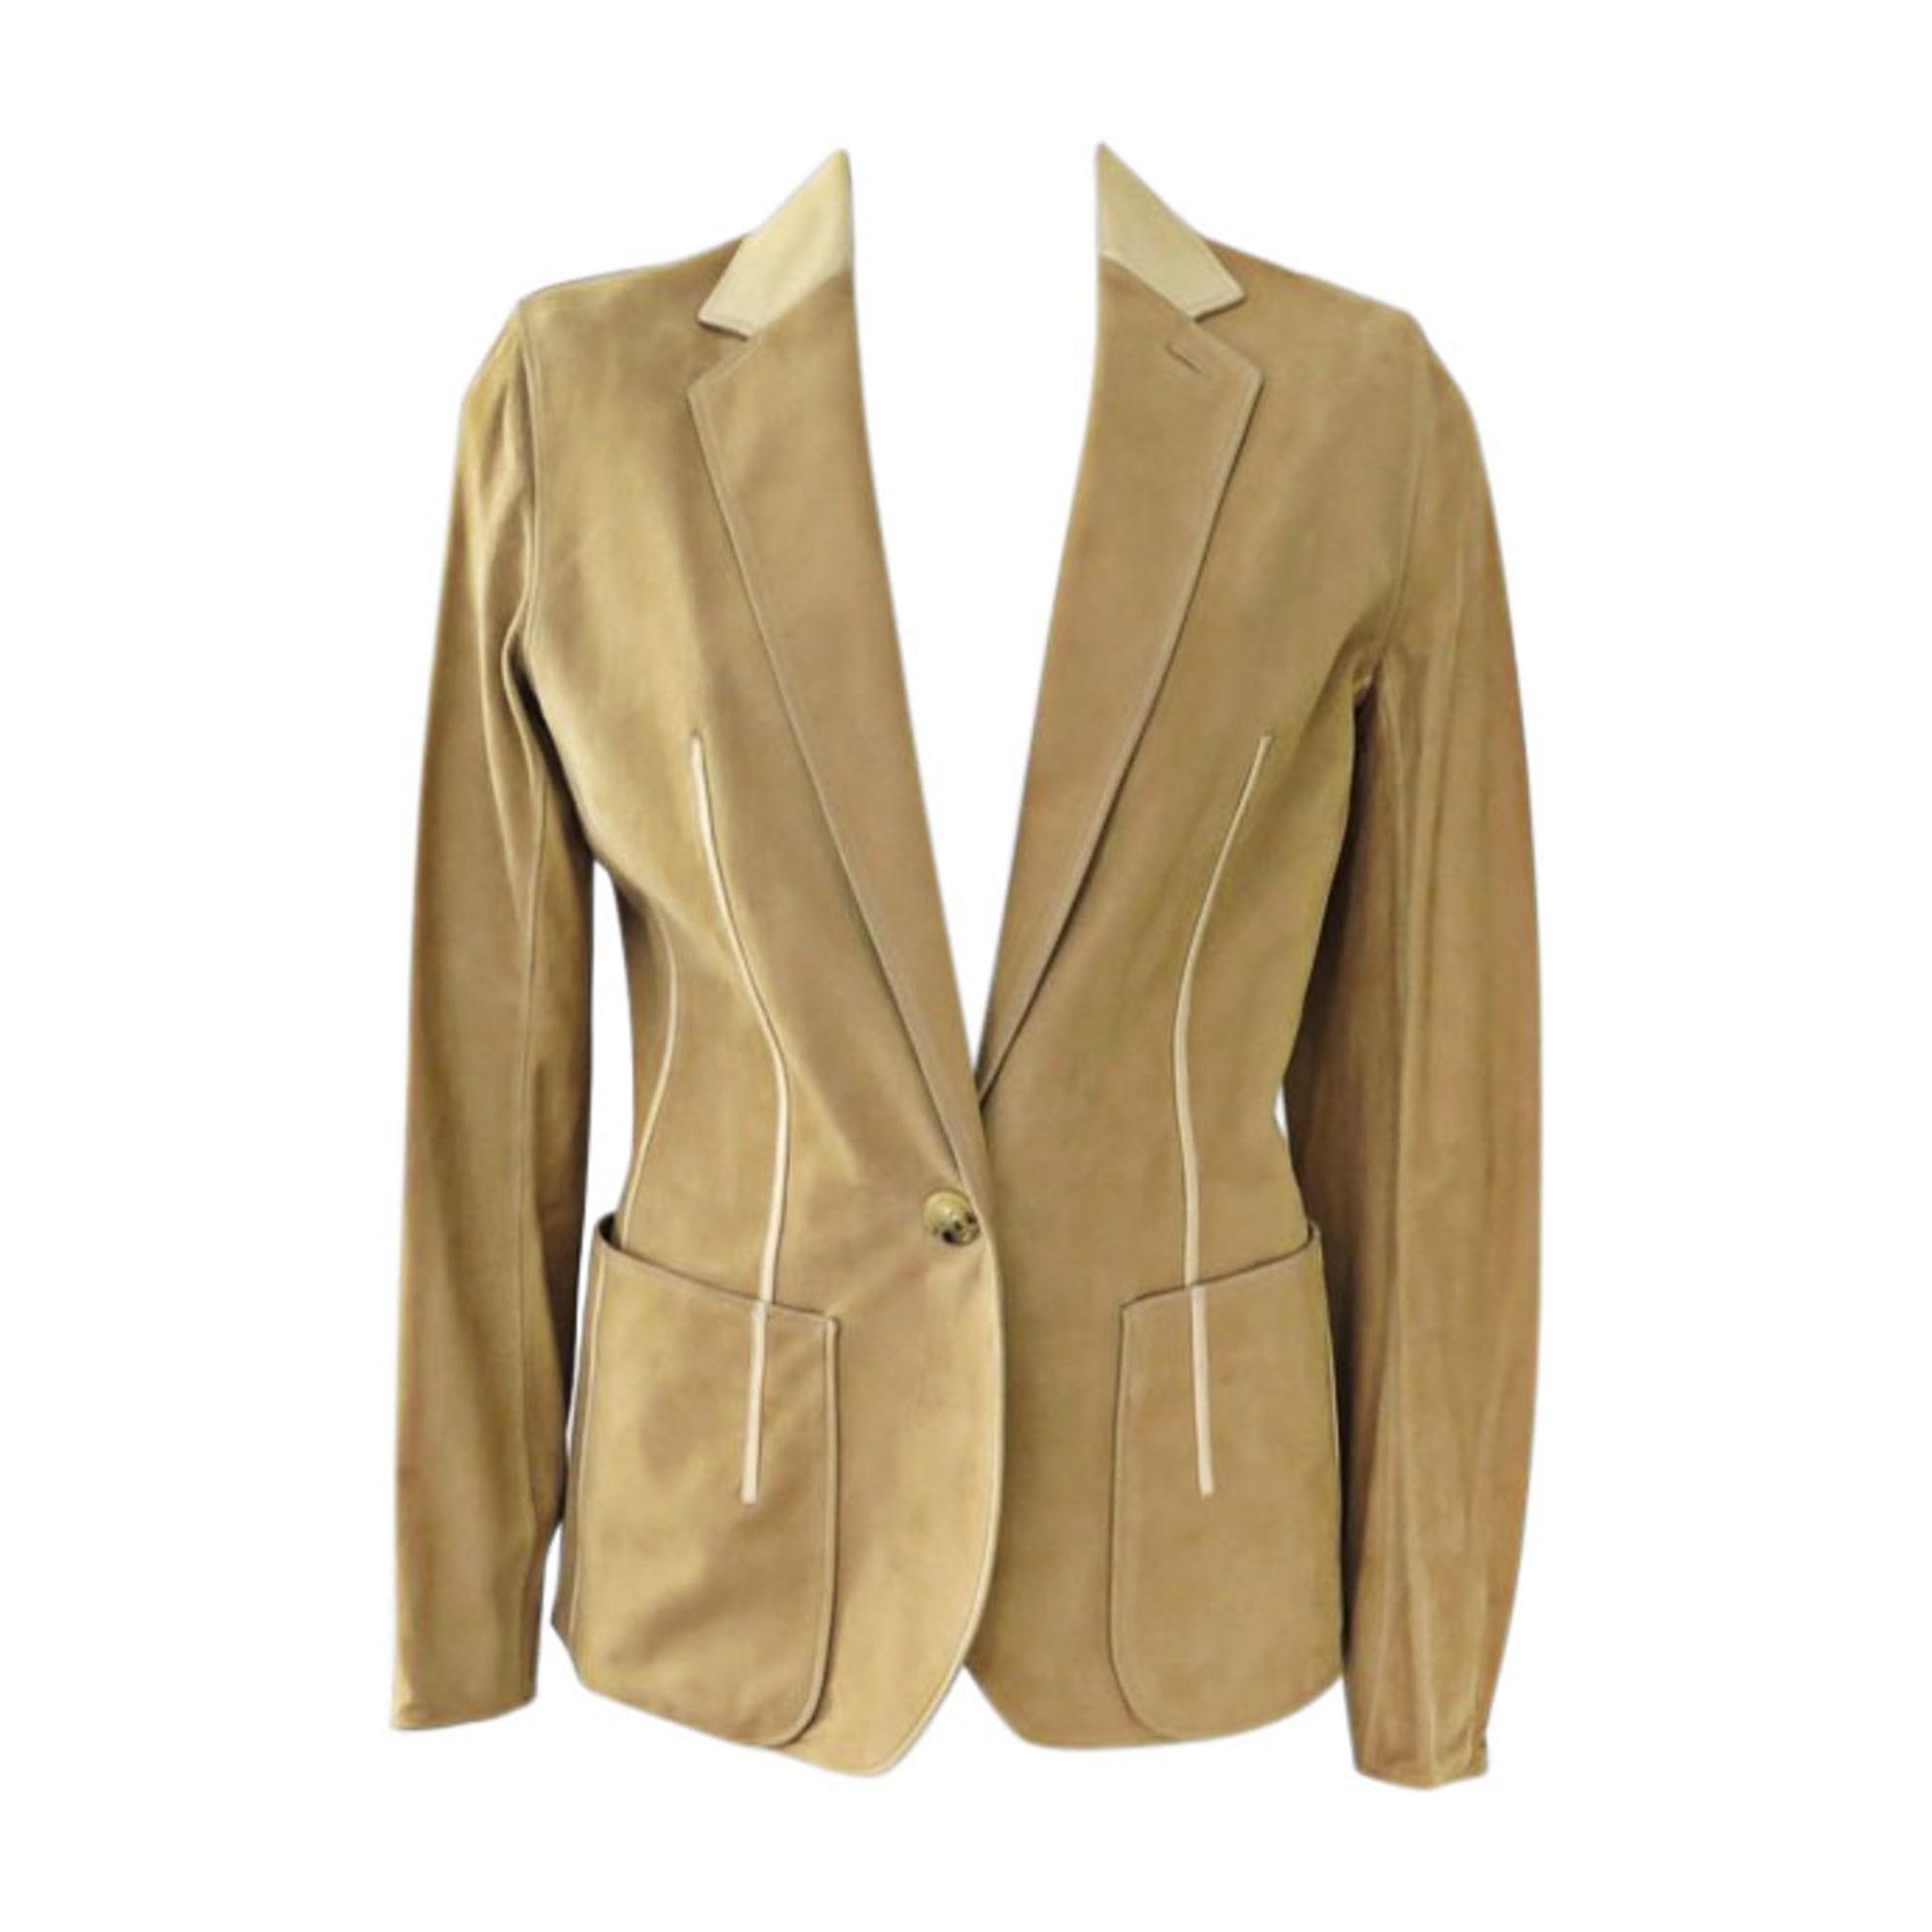 Veste 7845130 T3 Hermès l Beige 40 pxWnrwS4qp